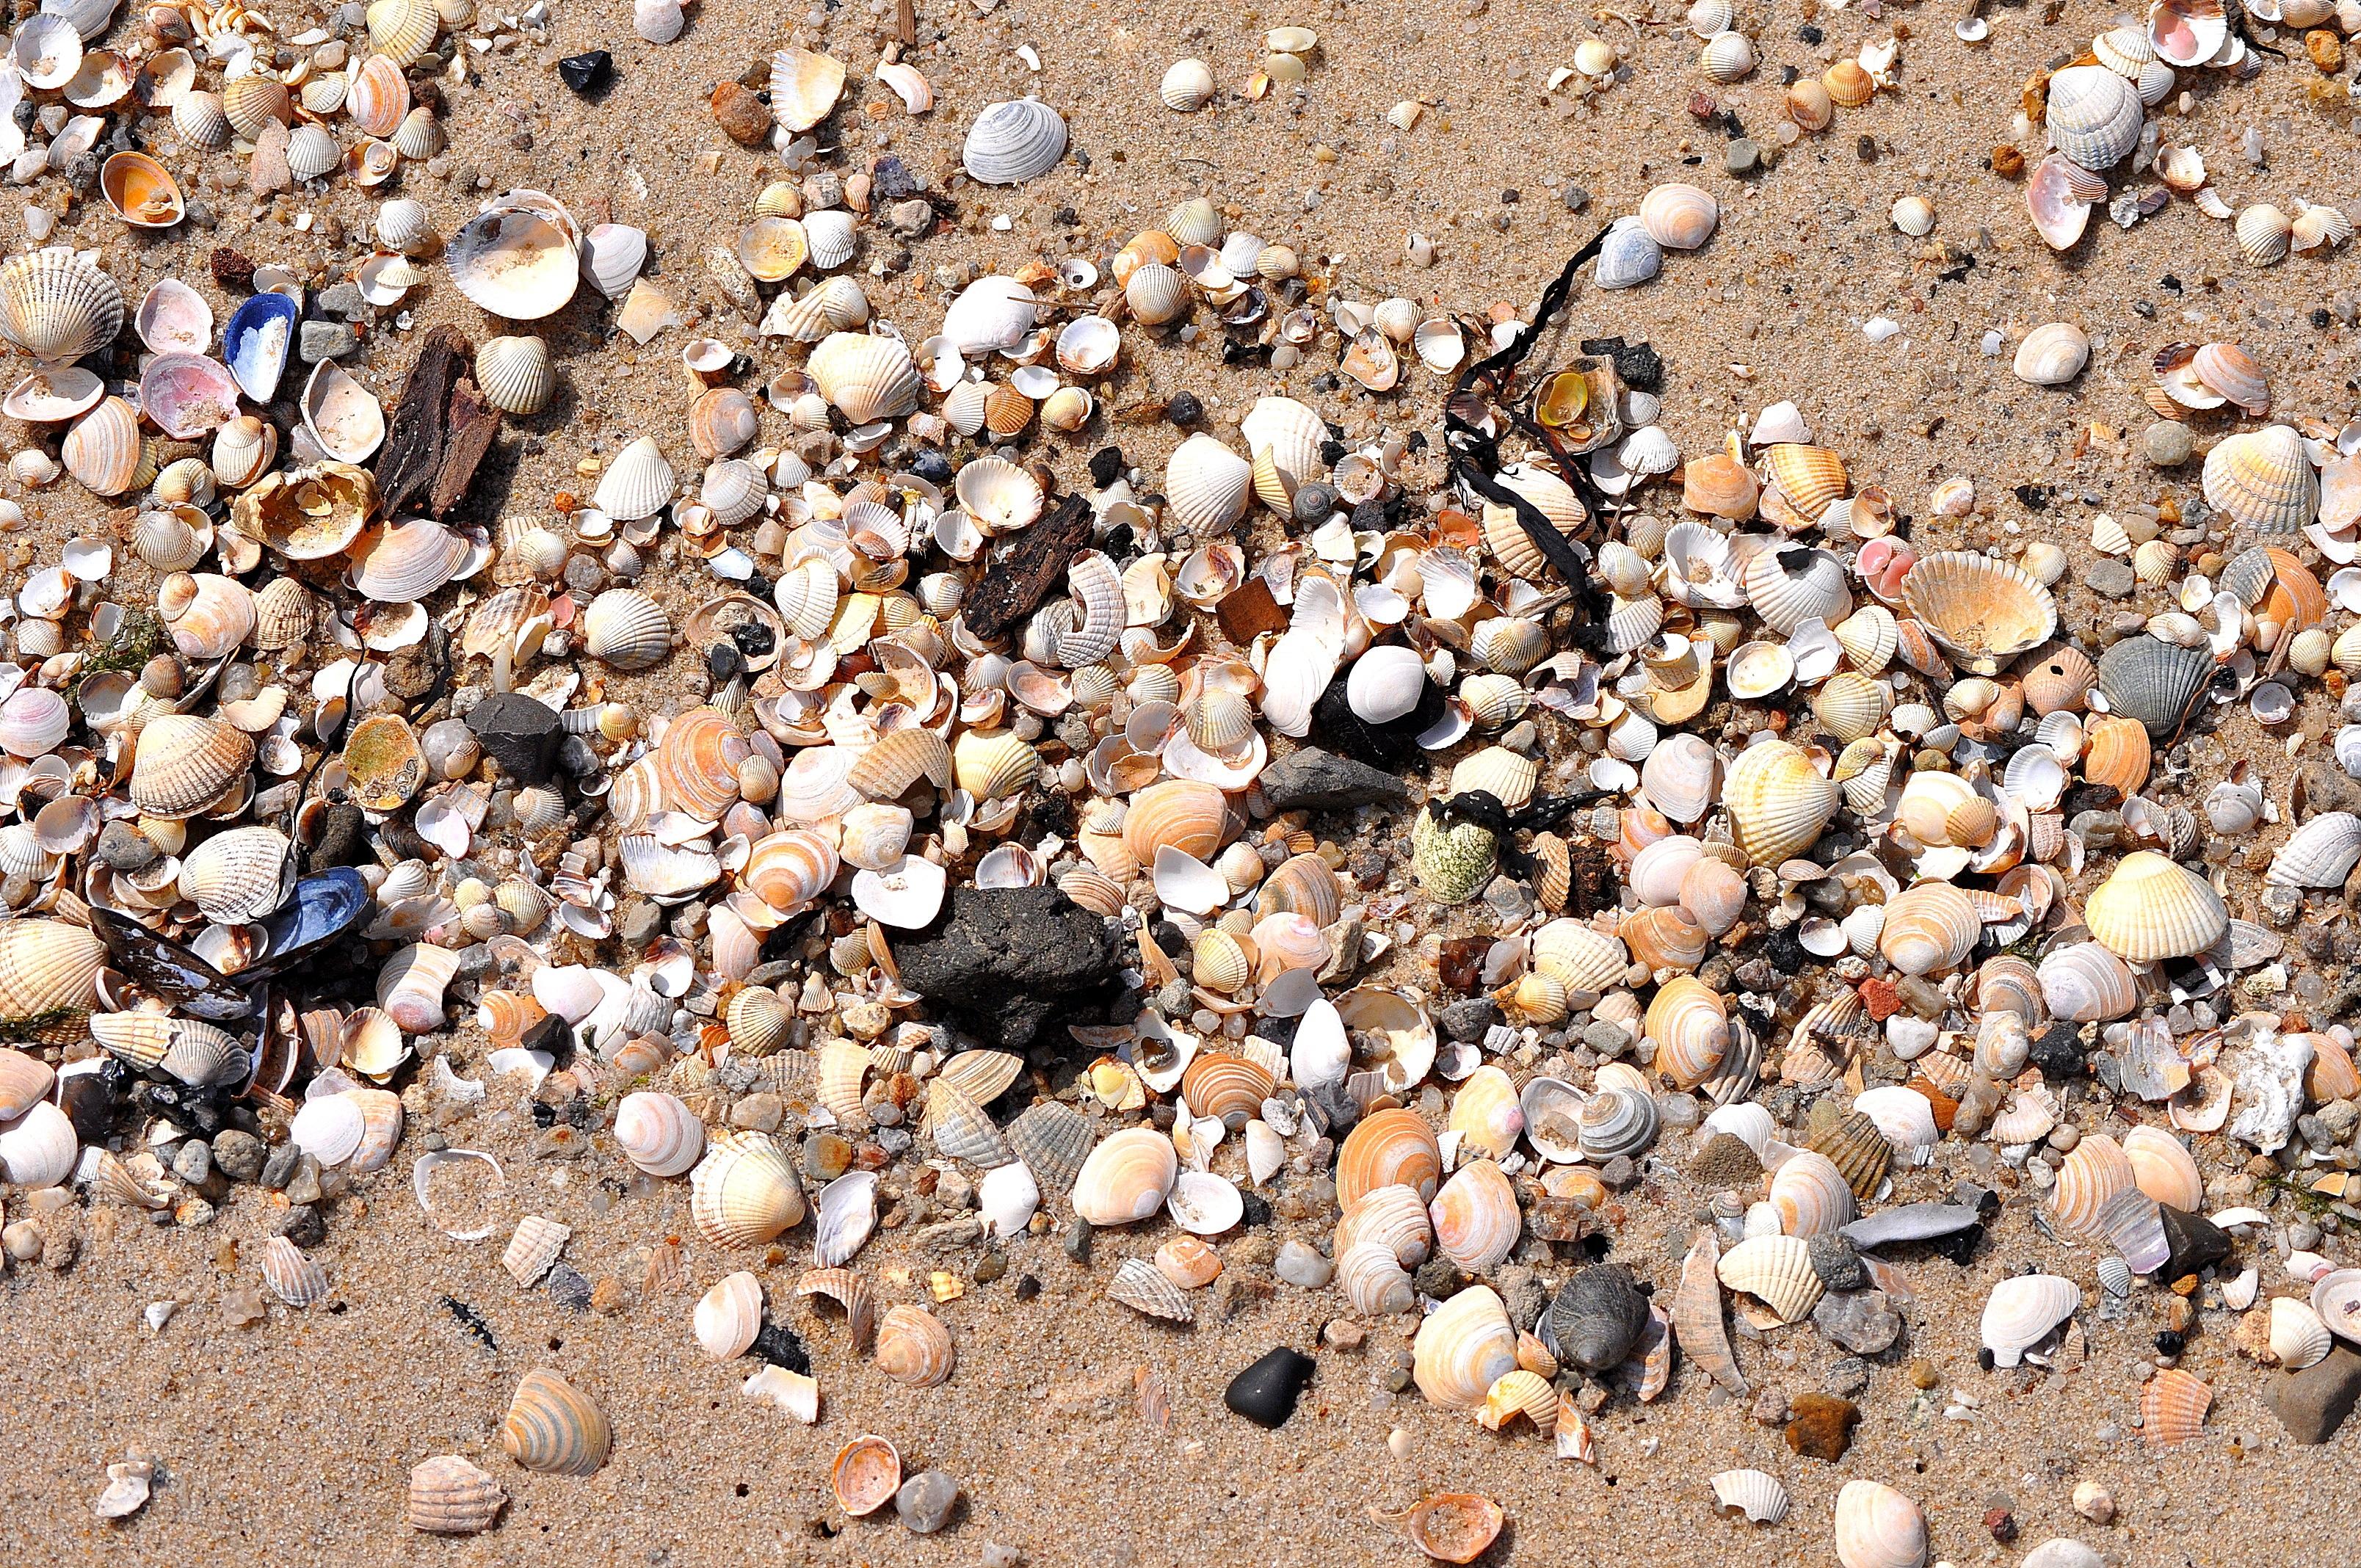 Gambar Pantai Pasir Batu Kerikil Tanah Bahan Kerang Laut